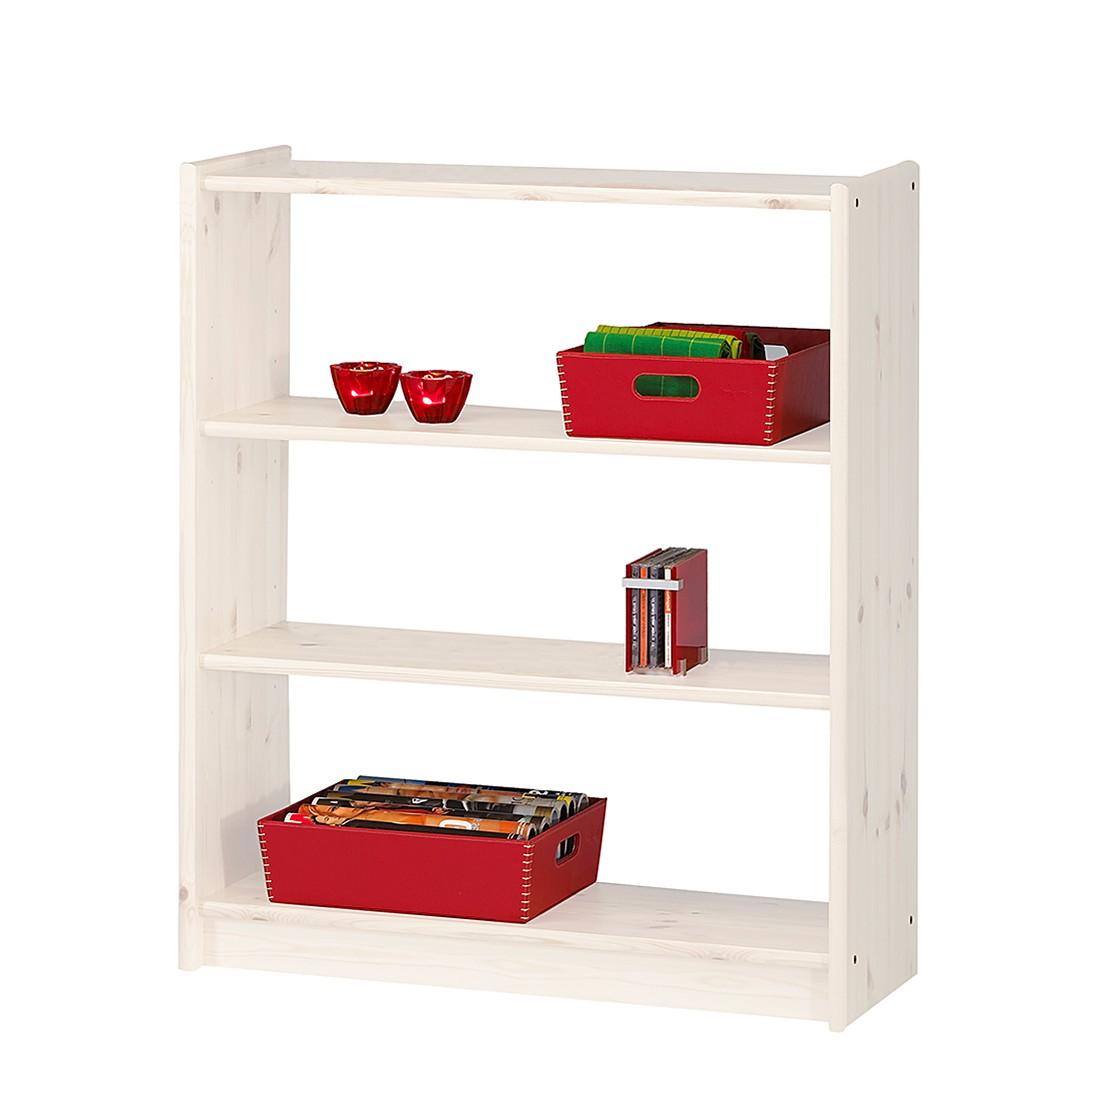 Libreria Tomke I - Legno massello di pino bianco, Steens